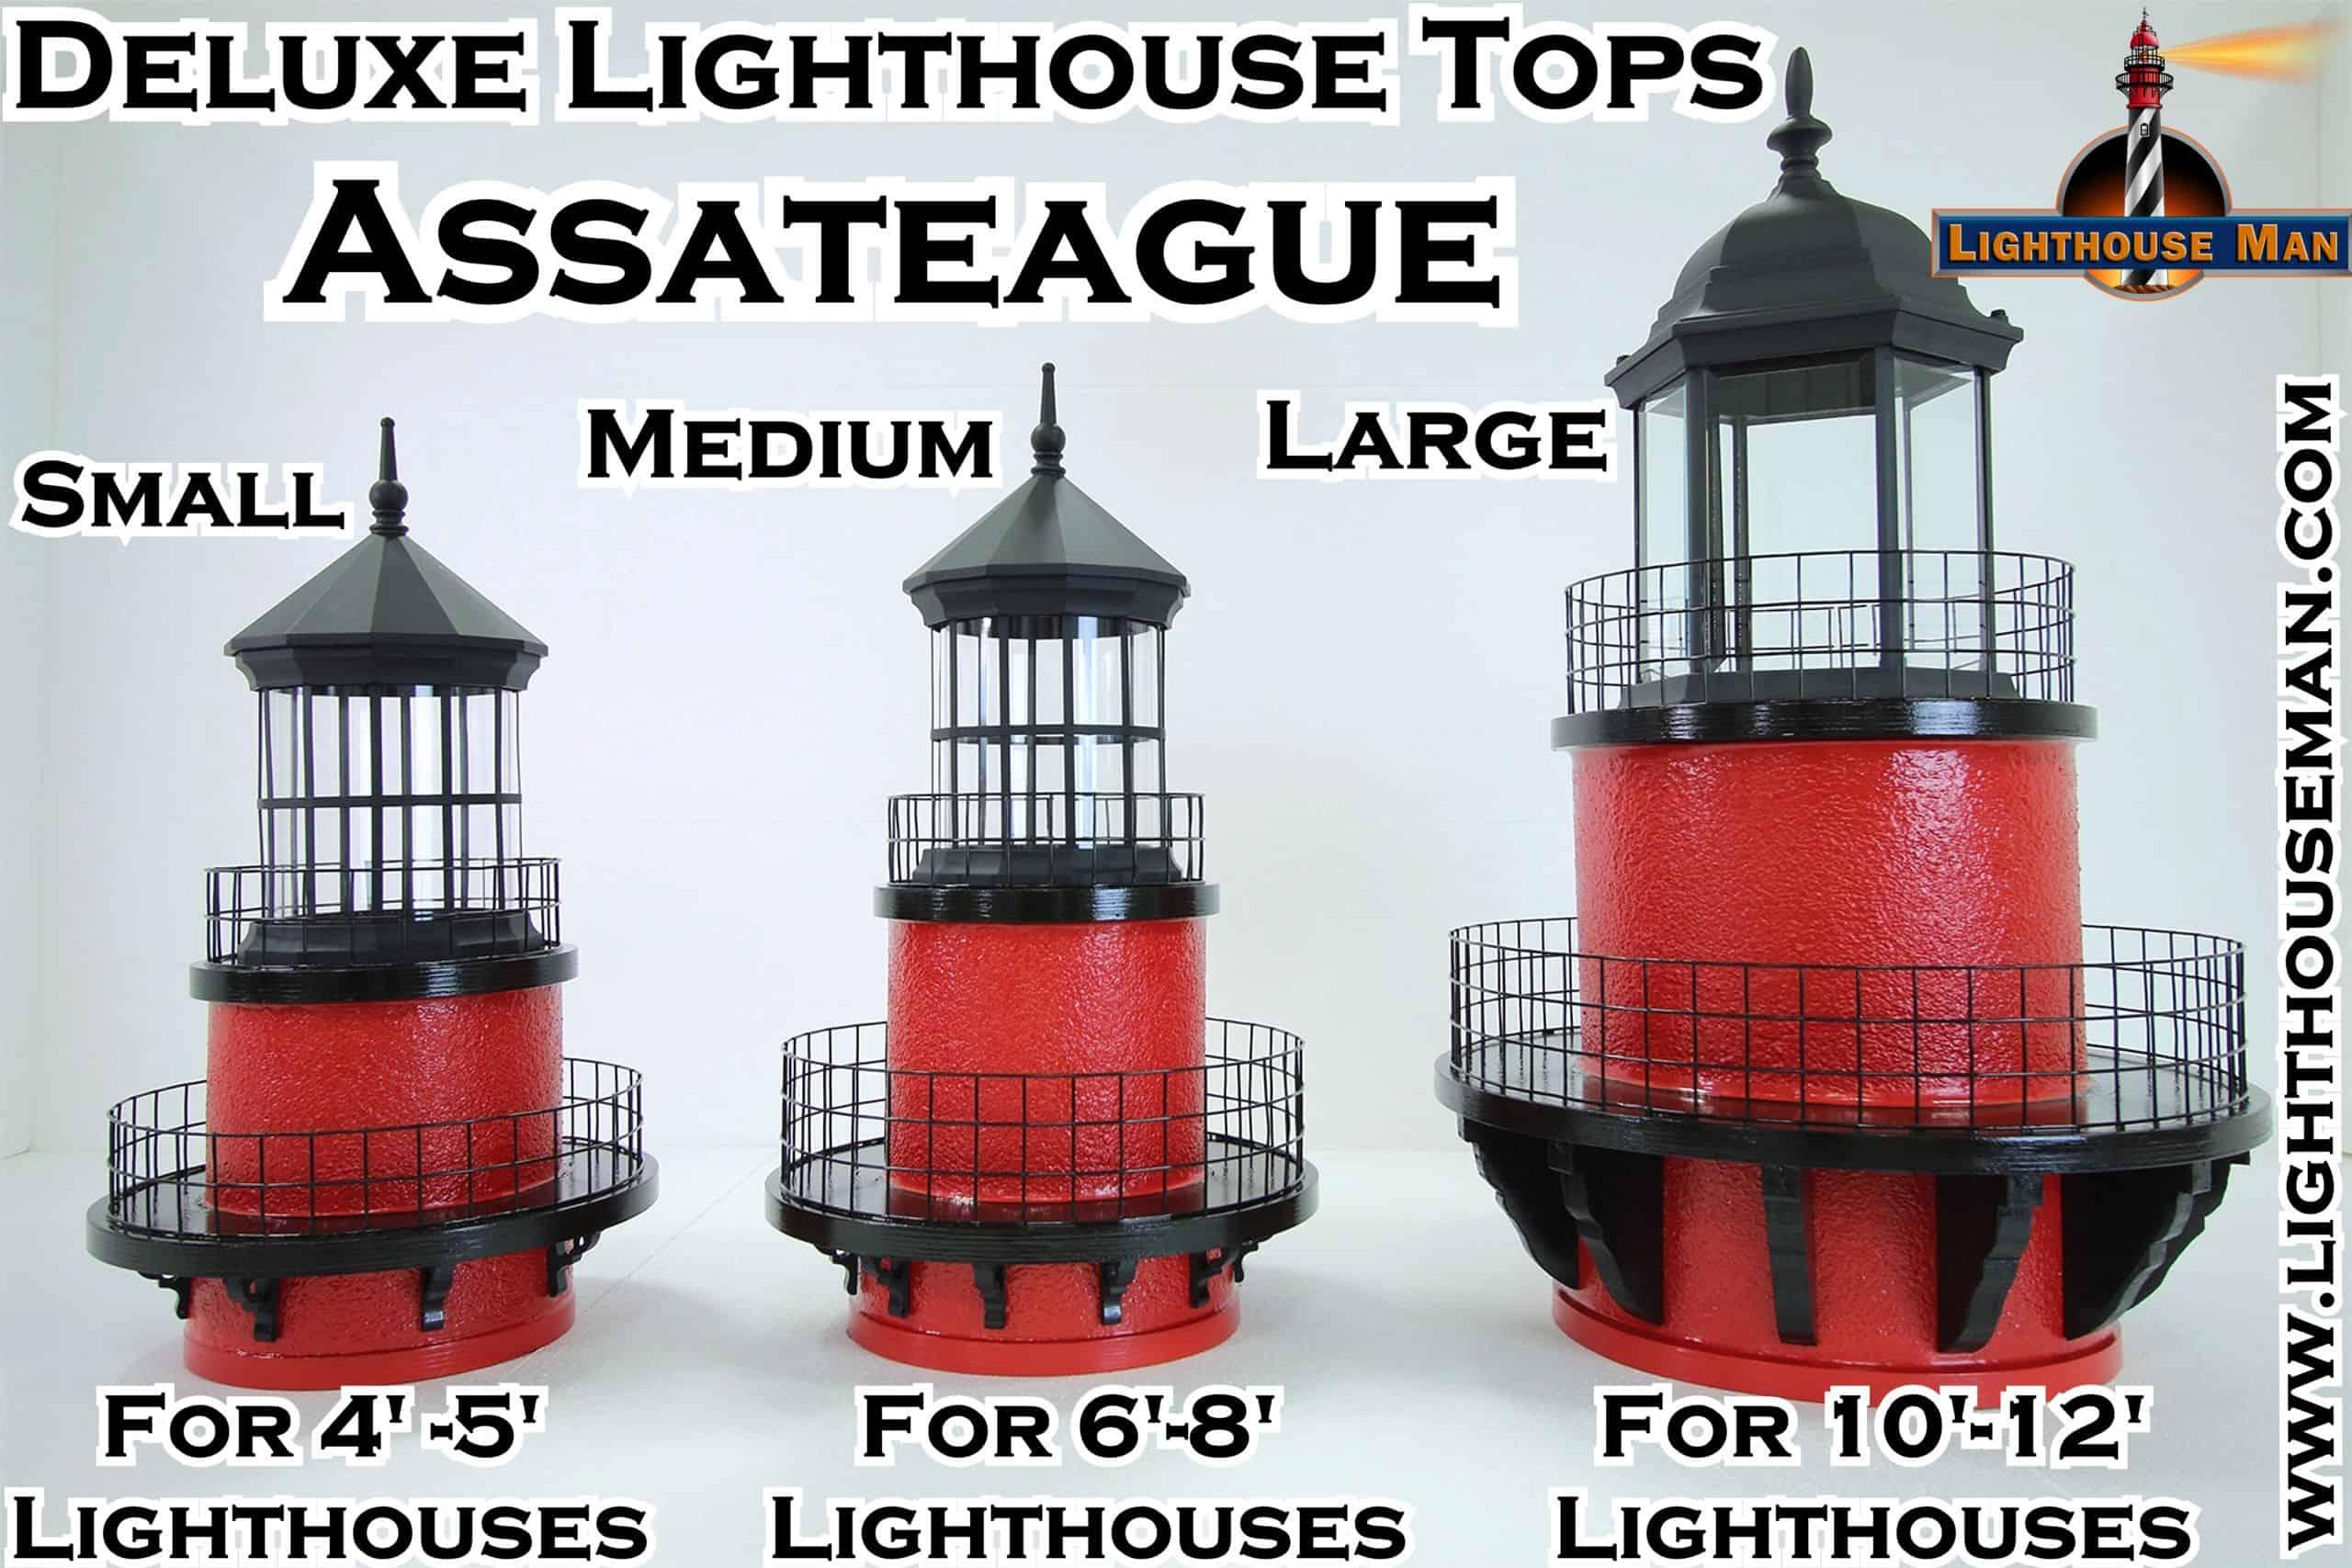 Deluxe Assateague Lighthouse Tops